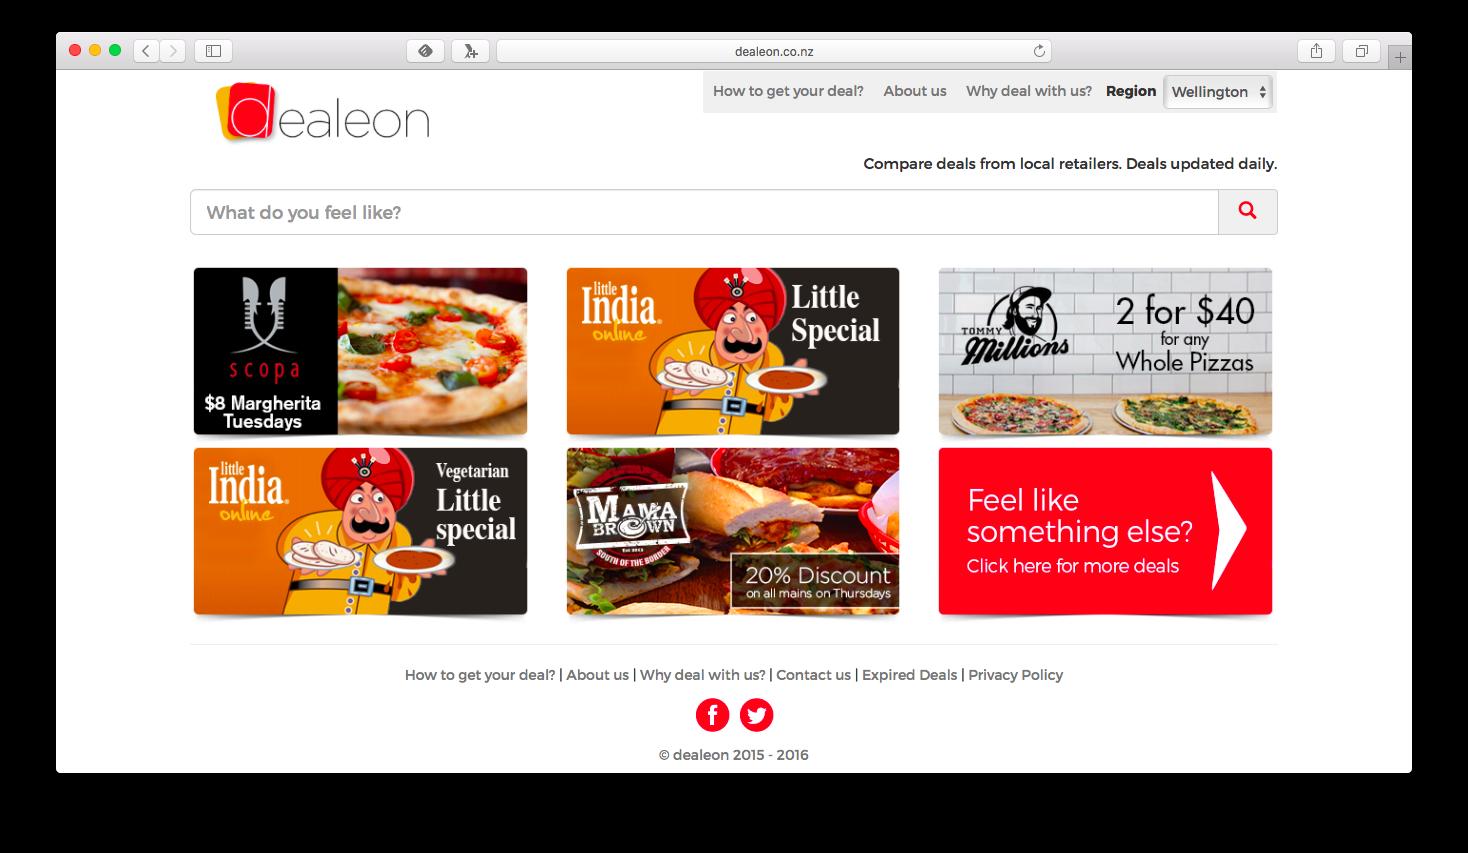 Dealeon website